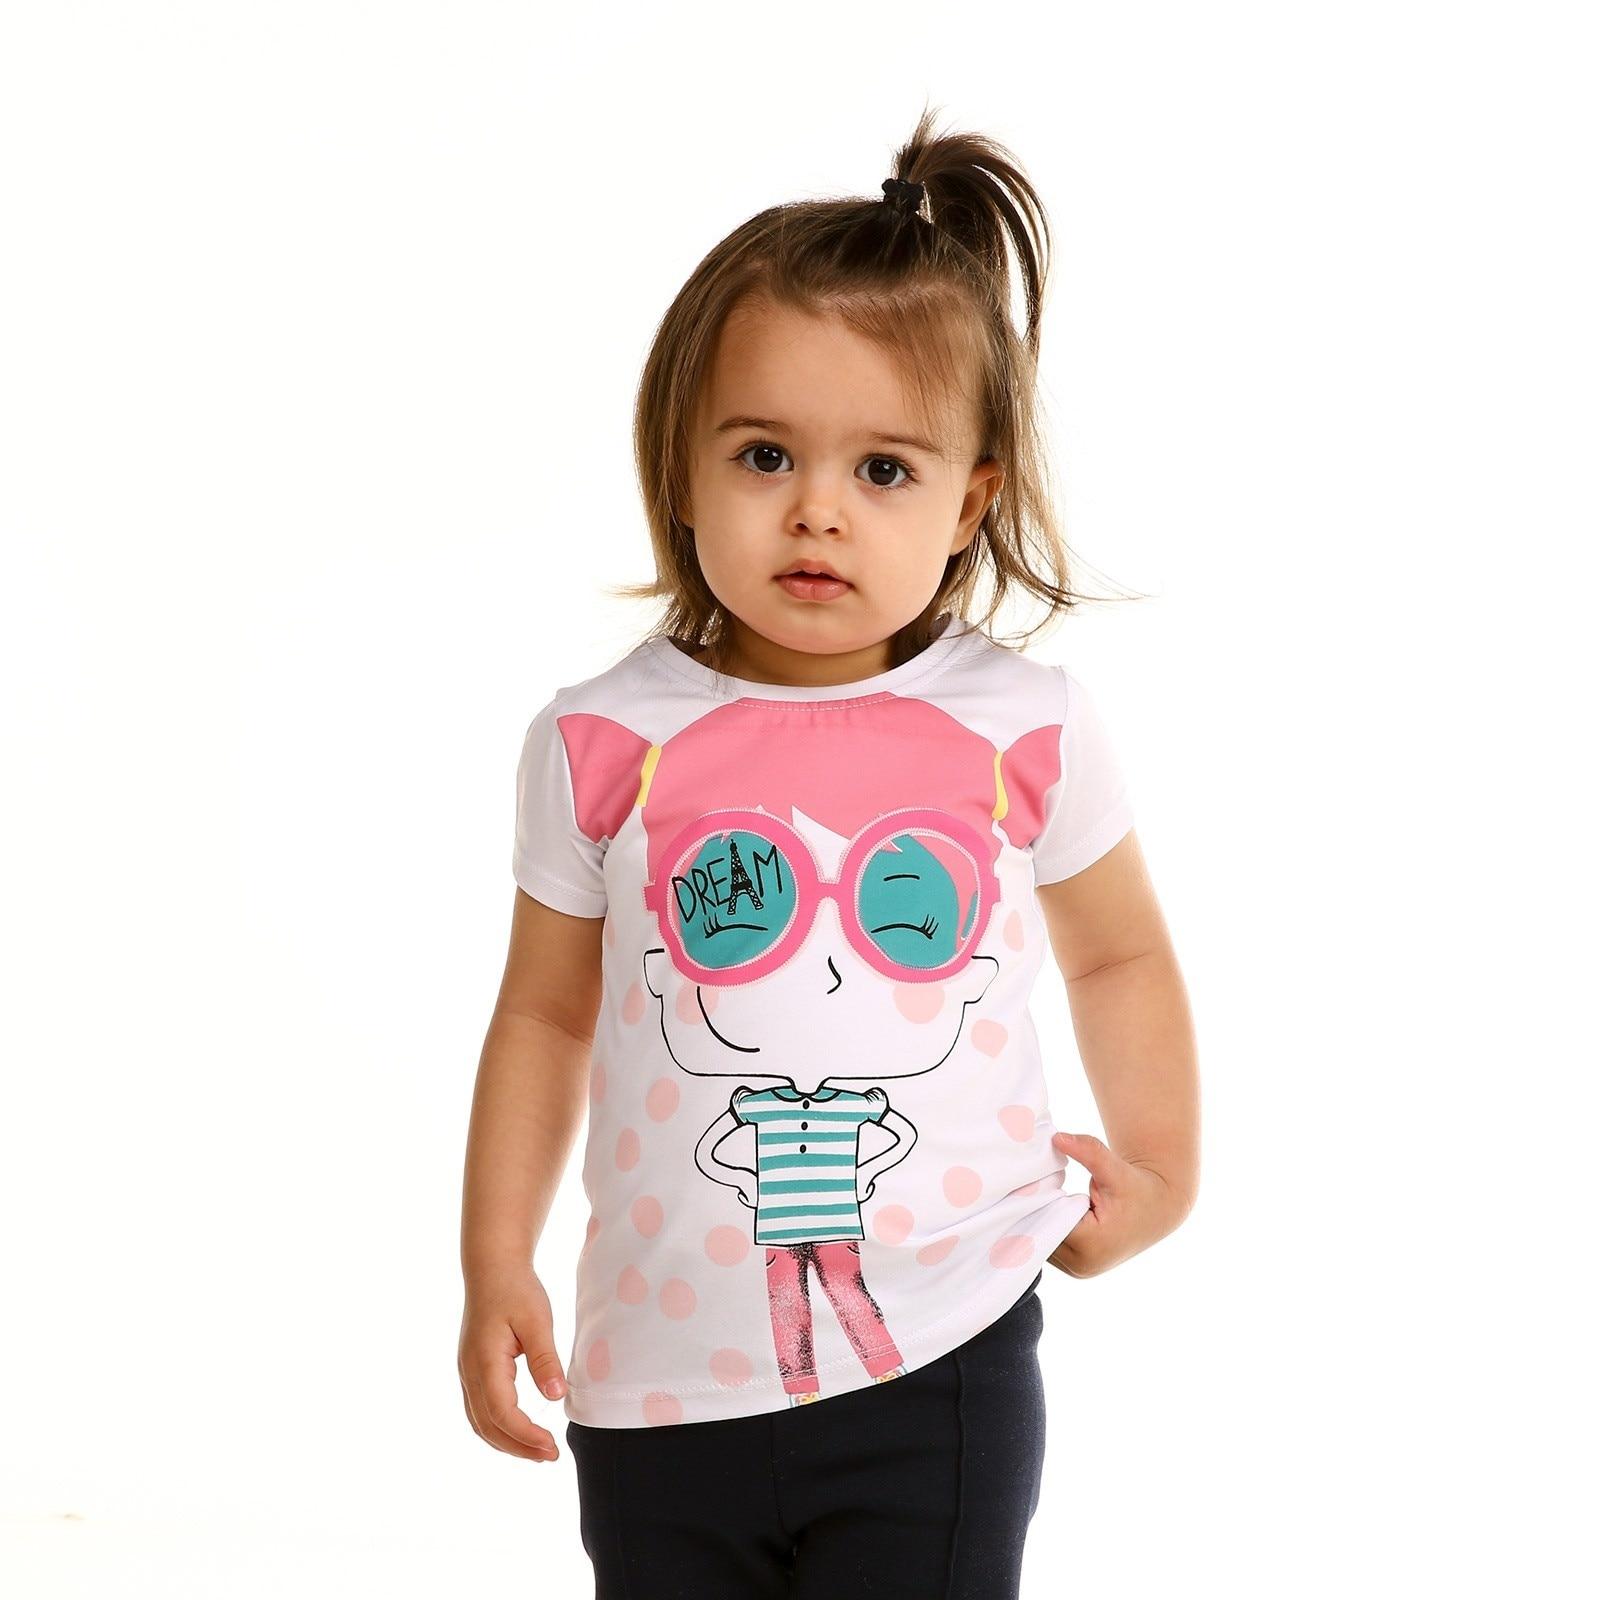 Ebebek Tuffy Crew Neck Pinky Baby Girl Tshirt